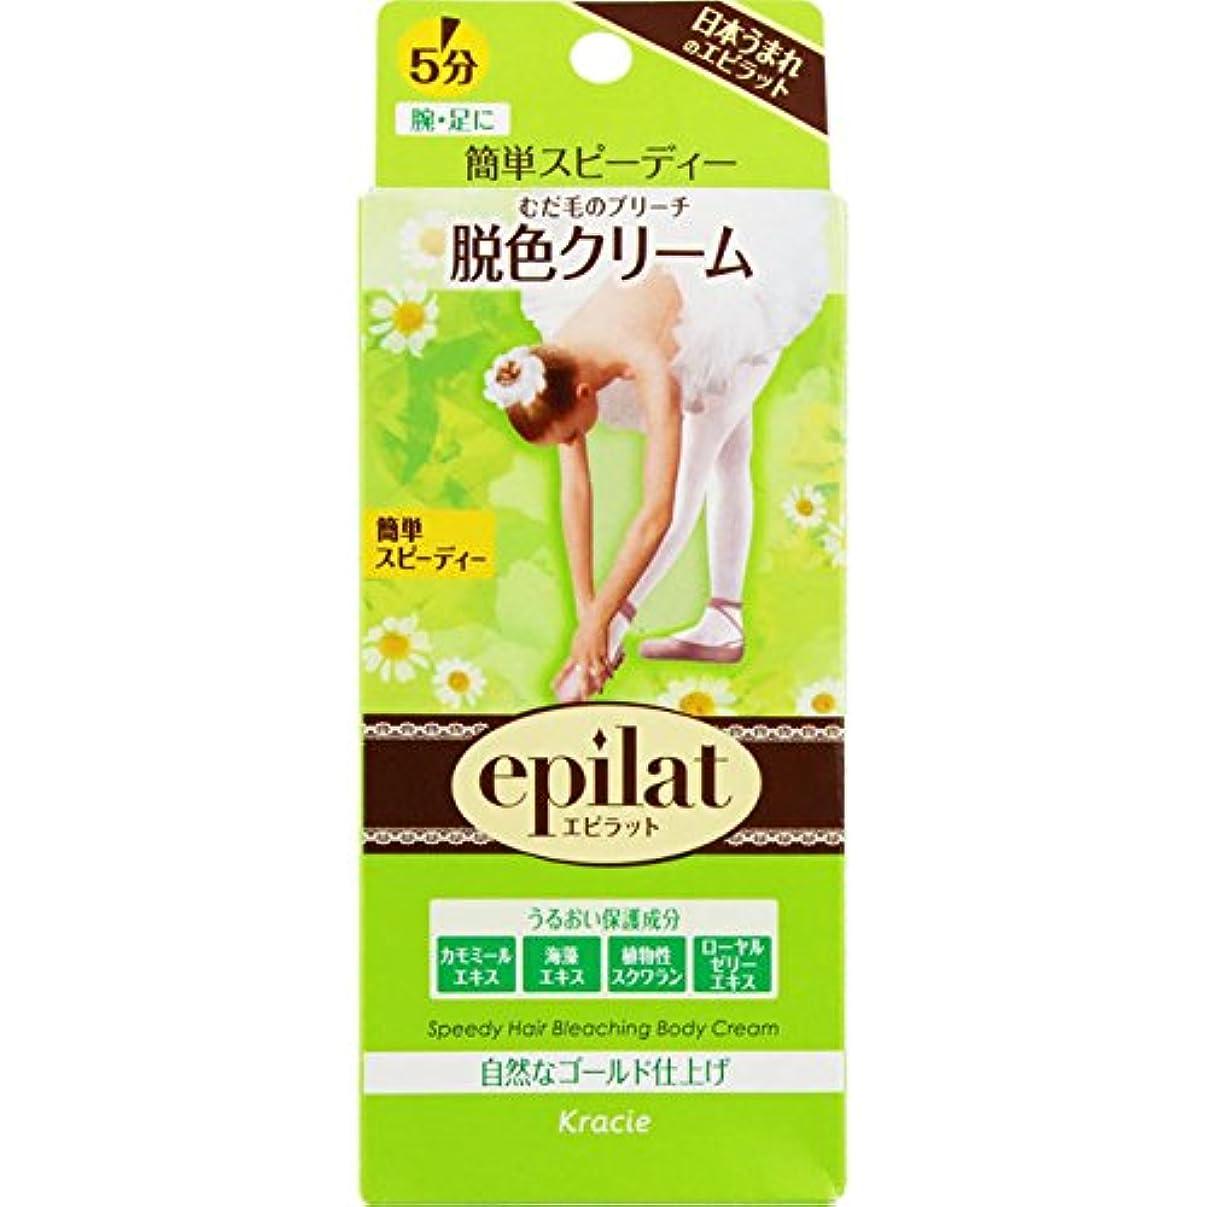 レモンバン繁栄クラシエホームプロダクツ エピラット 脱色クリームスピーディー 55g+55g(医薬部外品)